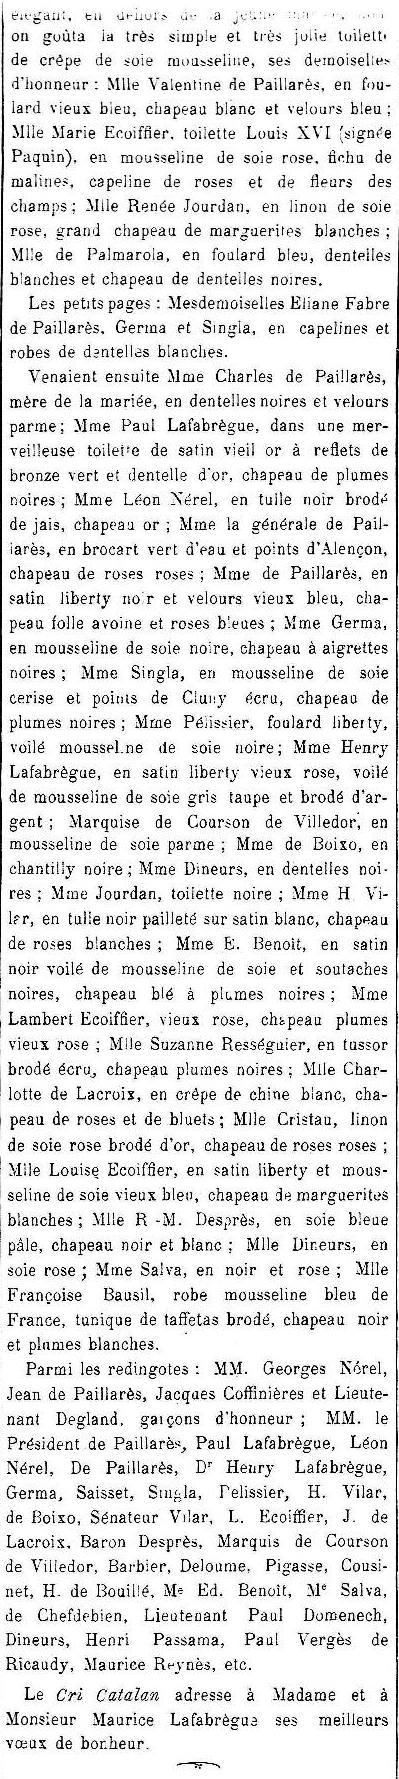 Mariage Ecoiffier de Pallares2 Le Cri Catalan 1910.